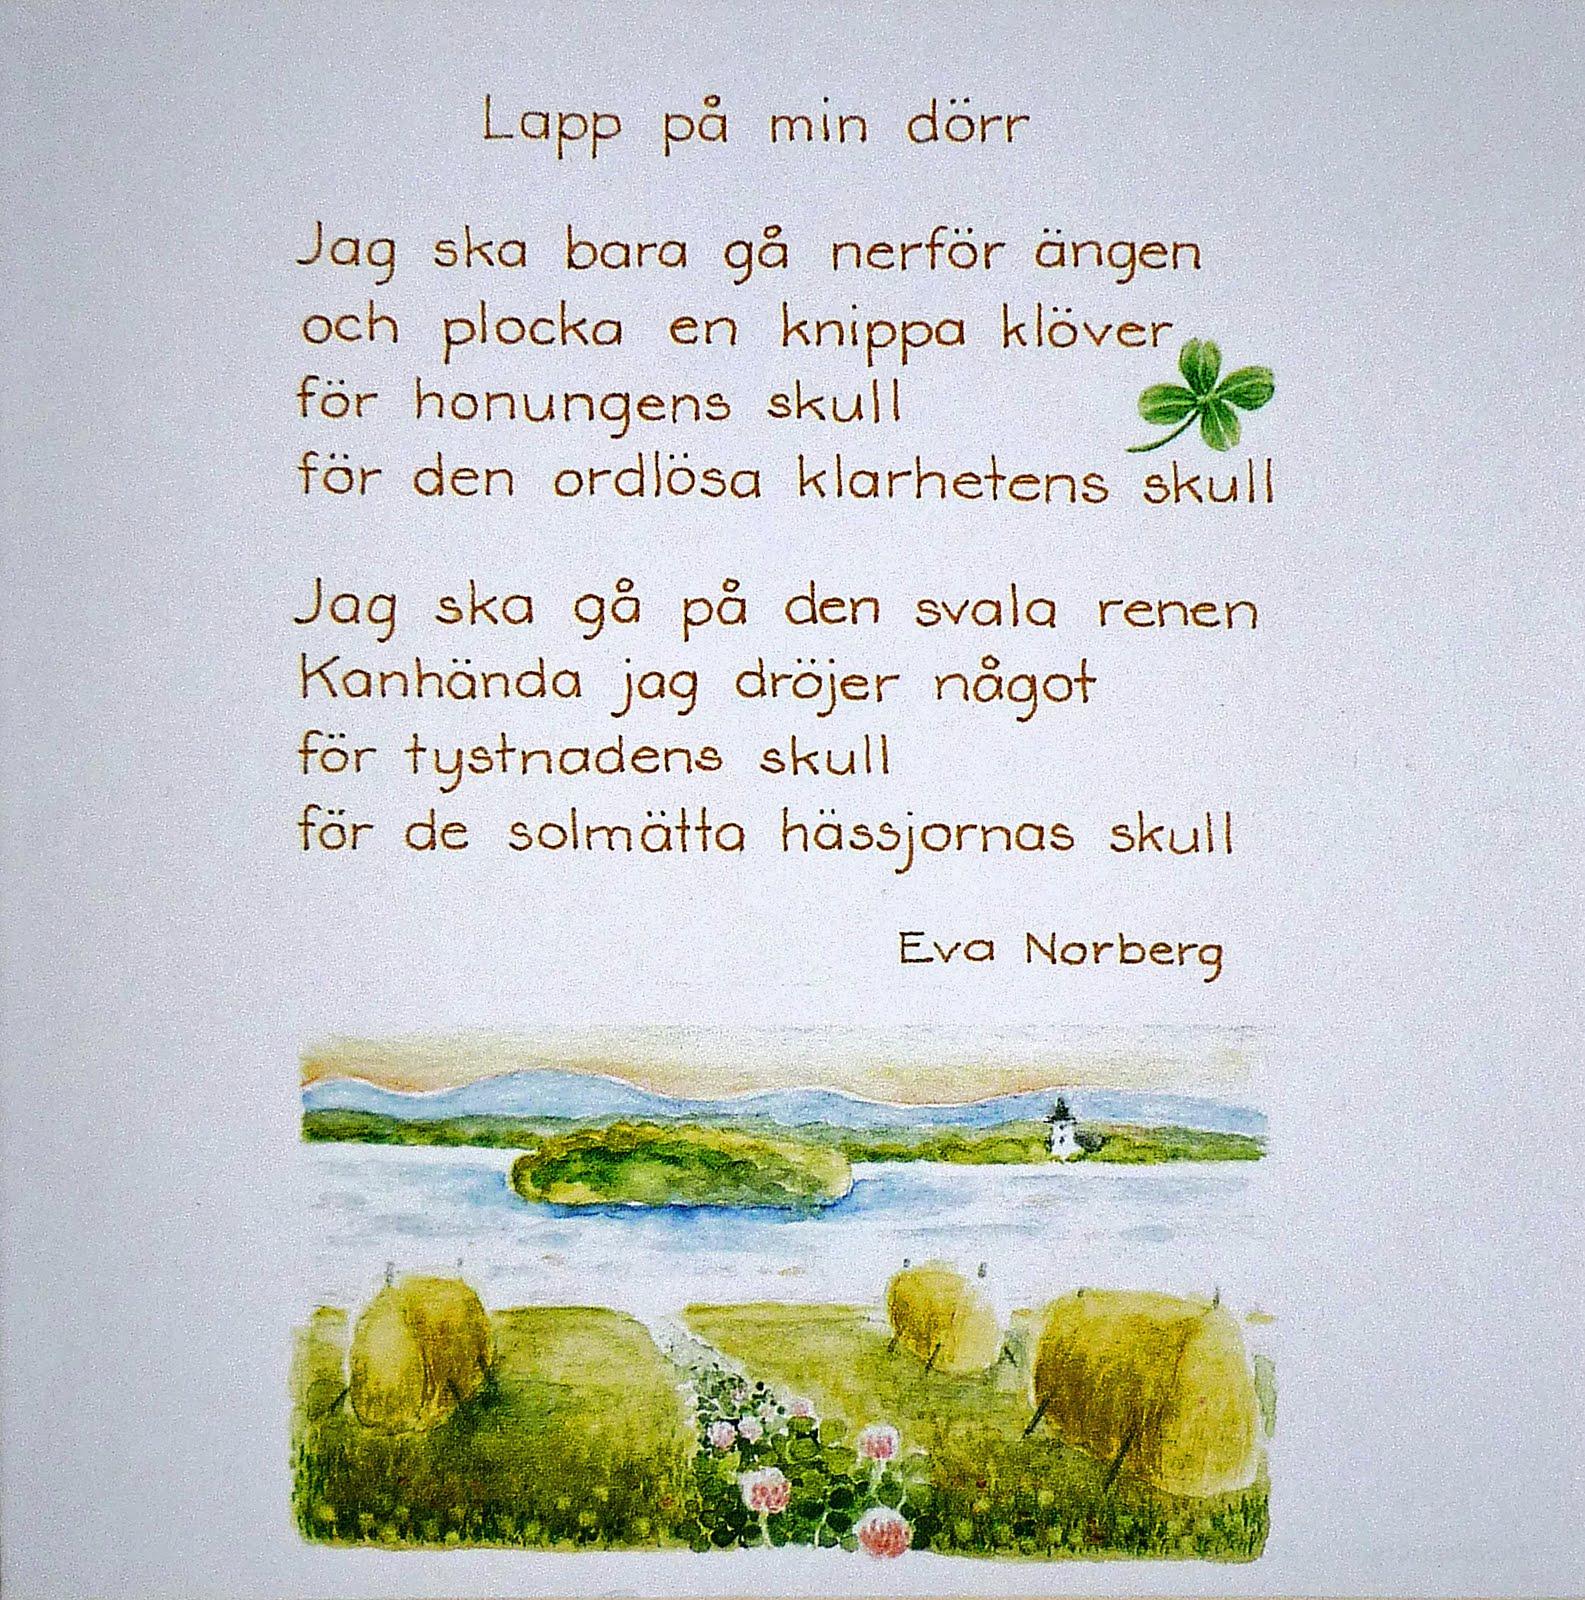 poesi födelsedag Harry Martinson i tiden: Eva Norberg och Harry Martinson poesi födelsedag